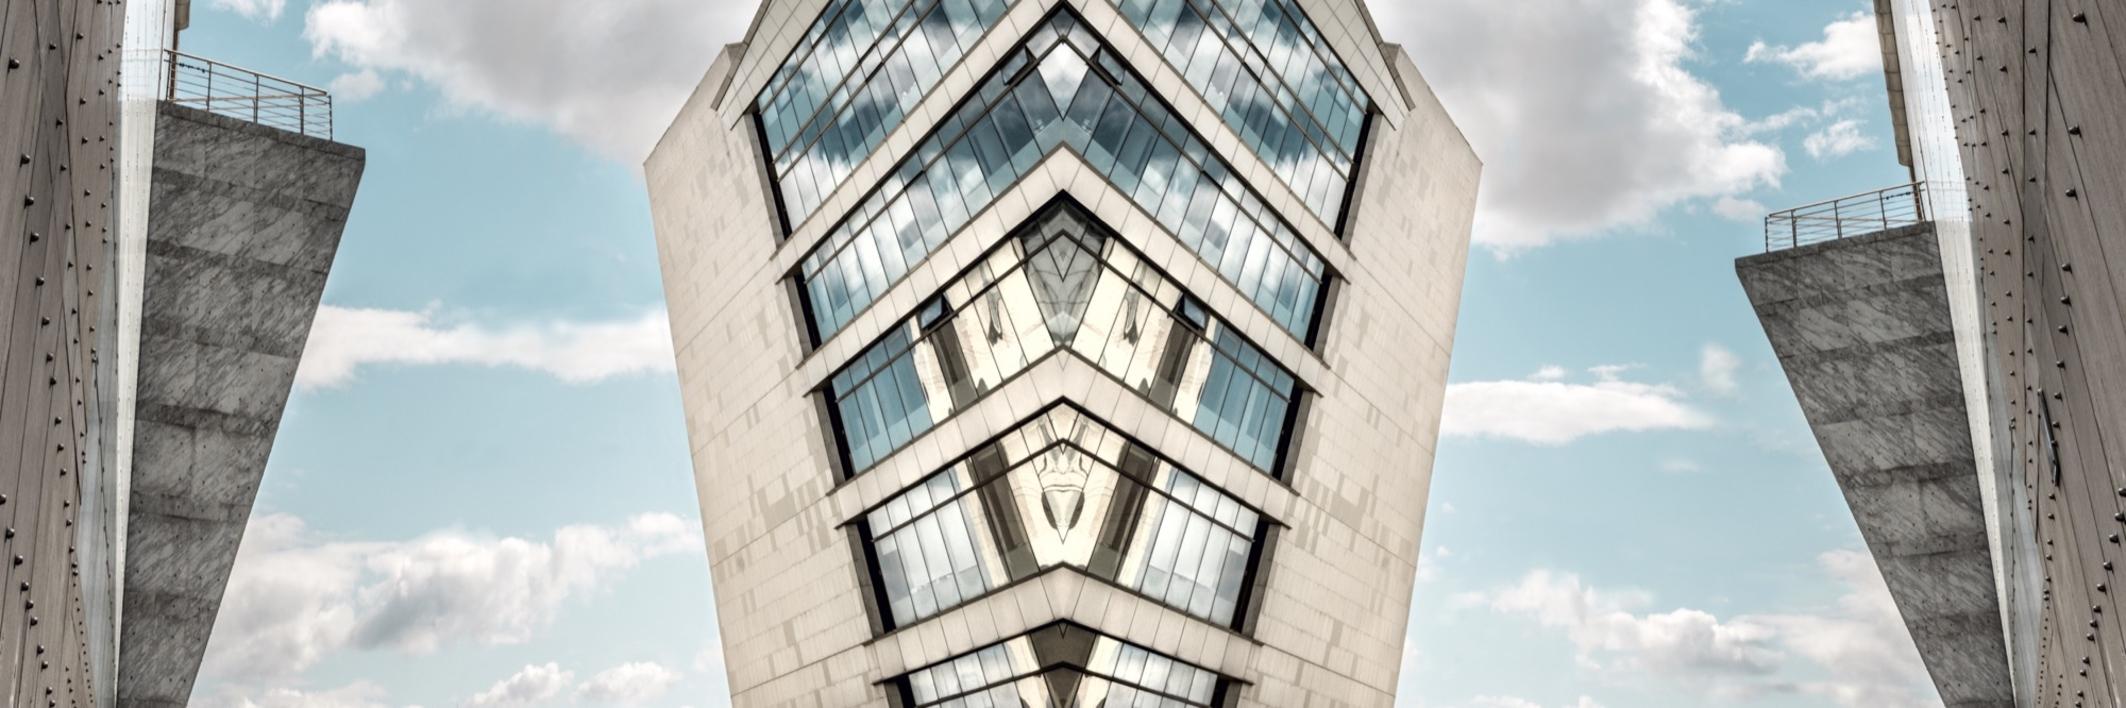 FUTURE OFFICE CITTIES 2 |Fotografía de Jesús M. Chamizo | Compra arte en Flecha.es